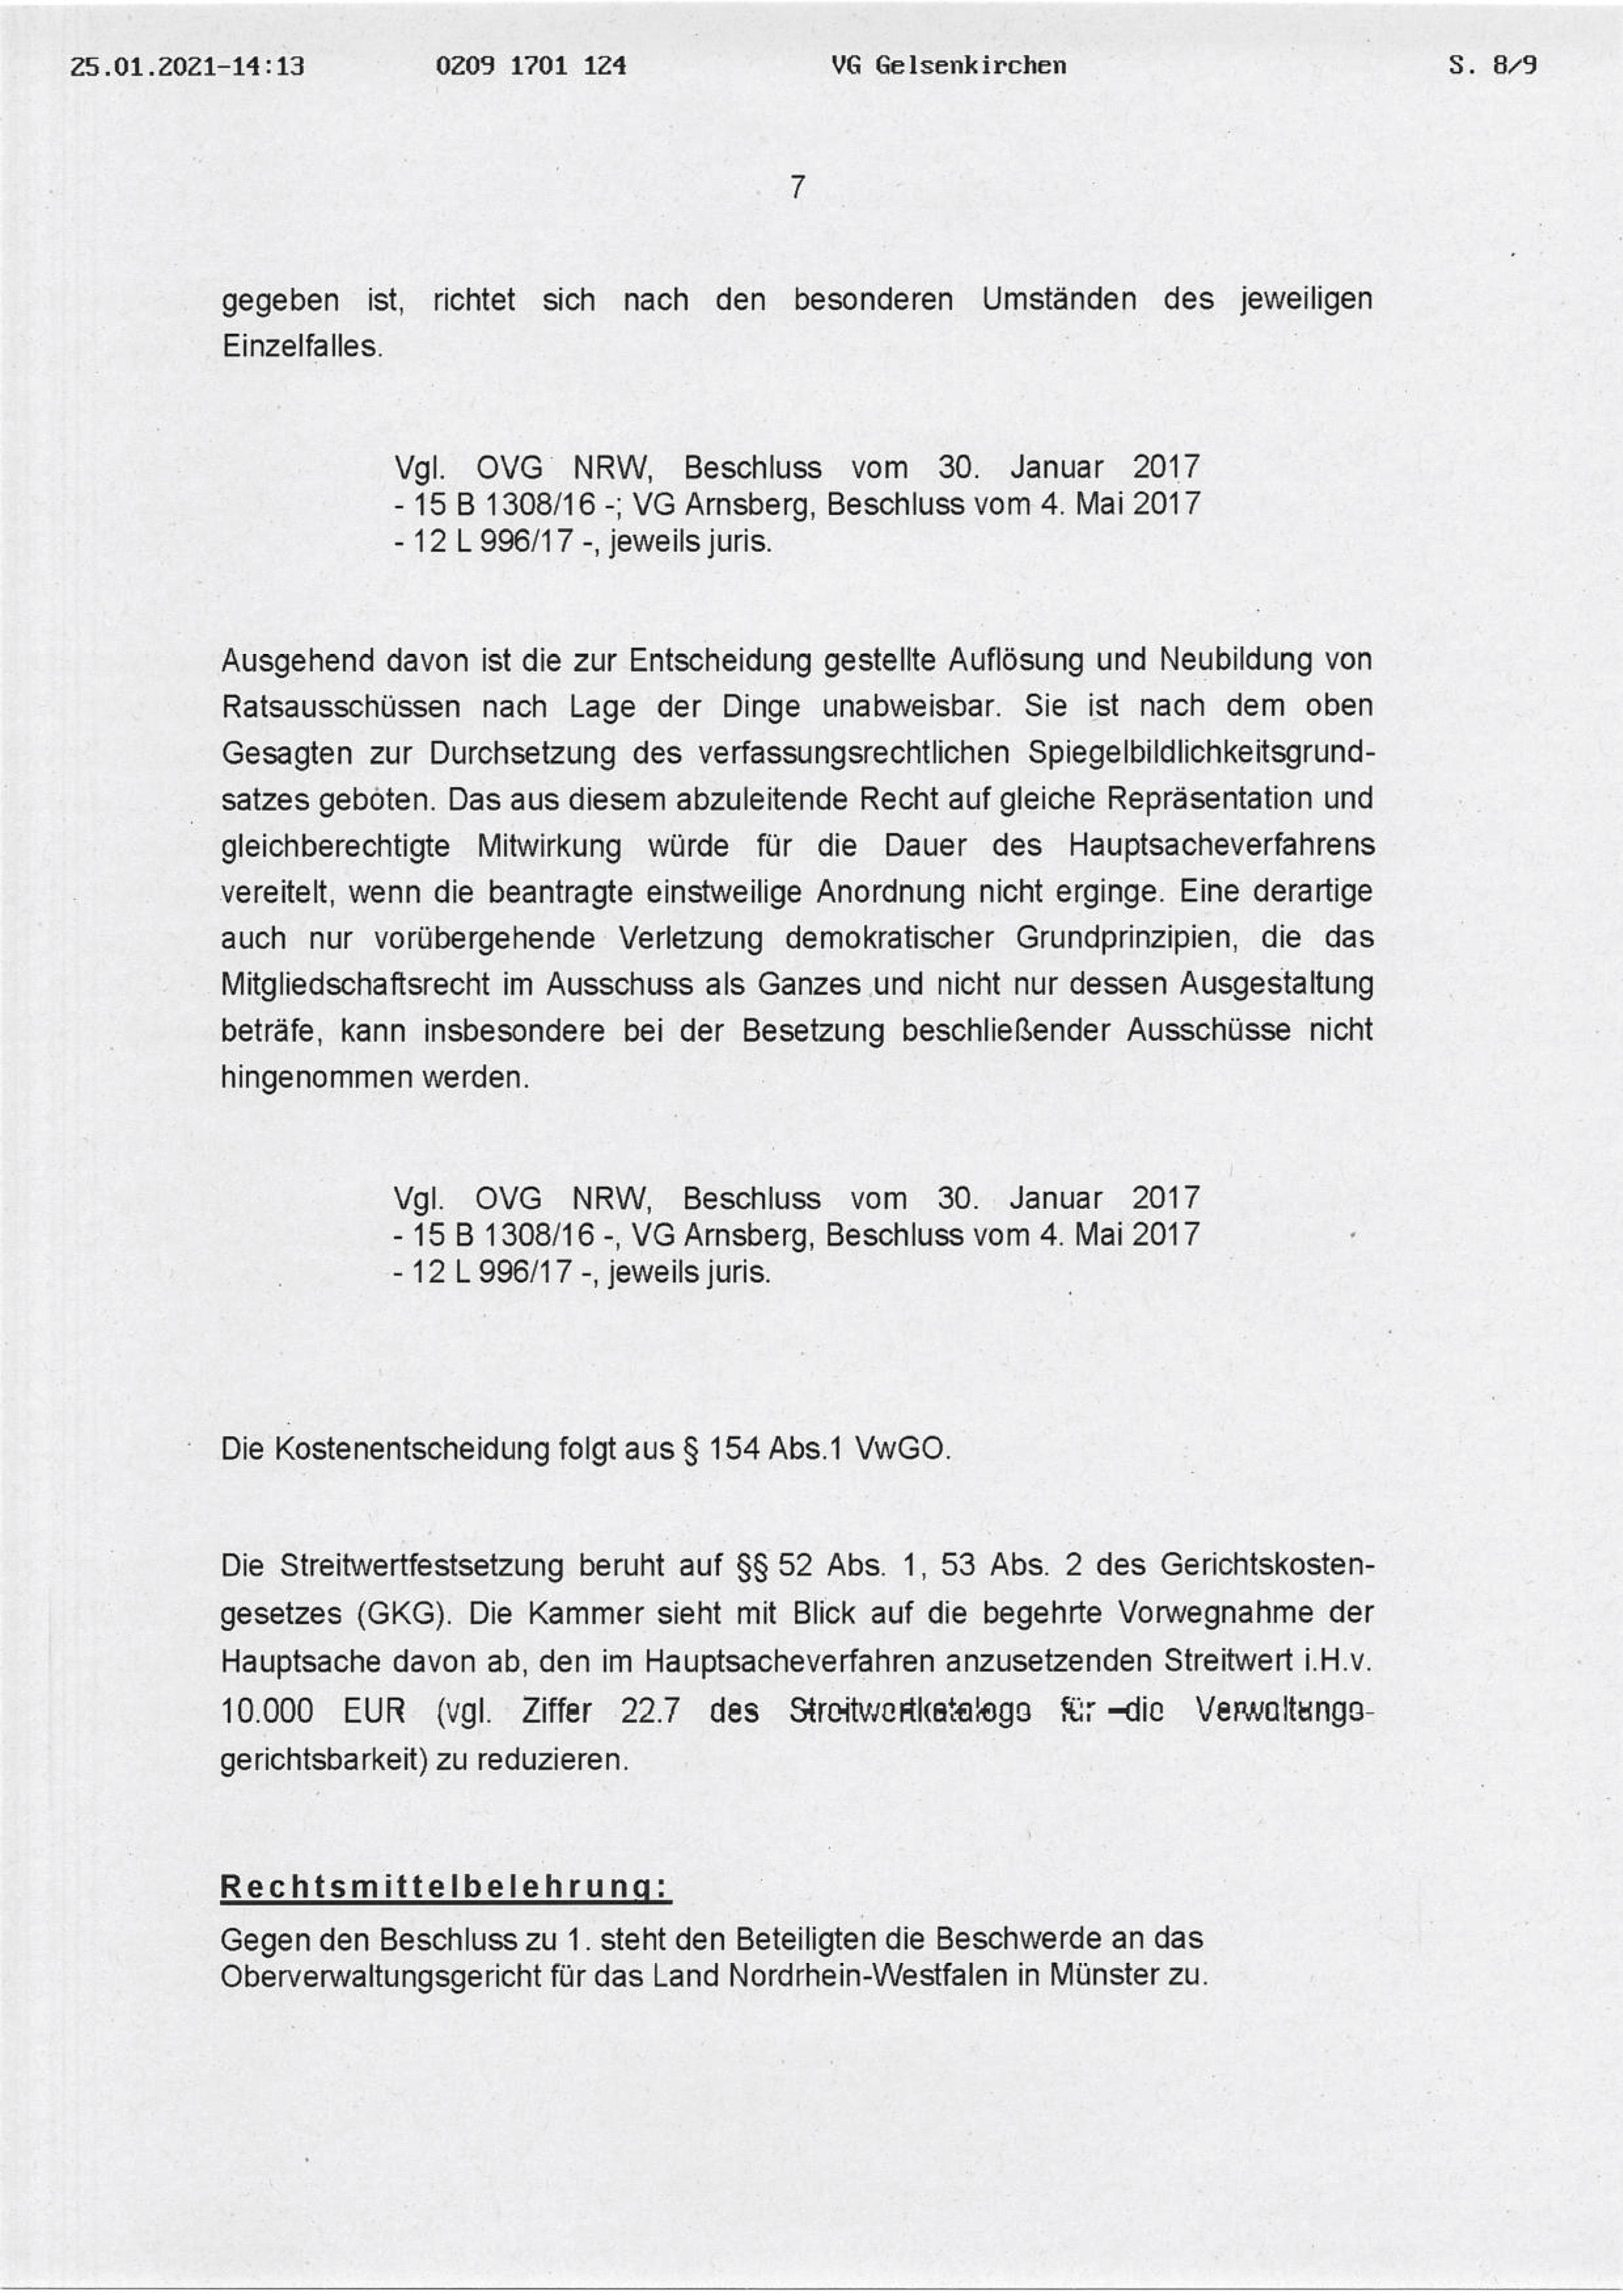 """Beschluss (VG Gelsenkirchen 25.01.2021) in der Sache Fraktion """"Die Partei und Stadtgestalter"""" gegen den Rat der Stadt Bochum, hier: Seite 7/8 (bzw. 8/9)"""